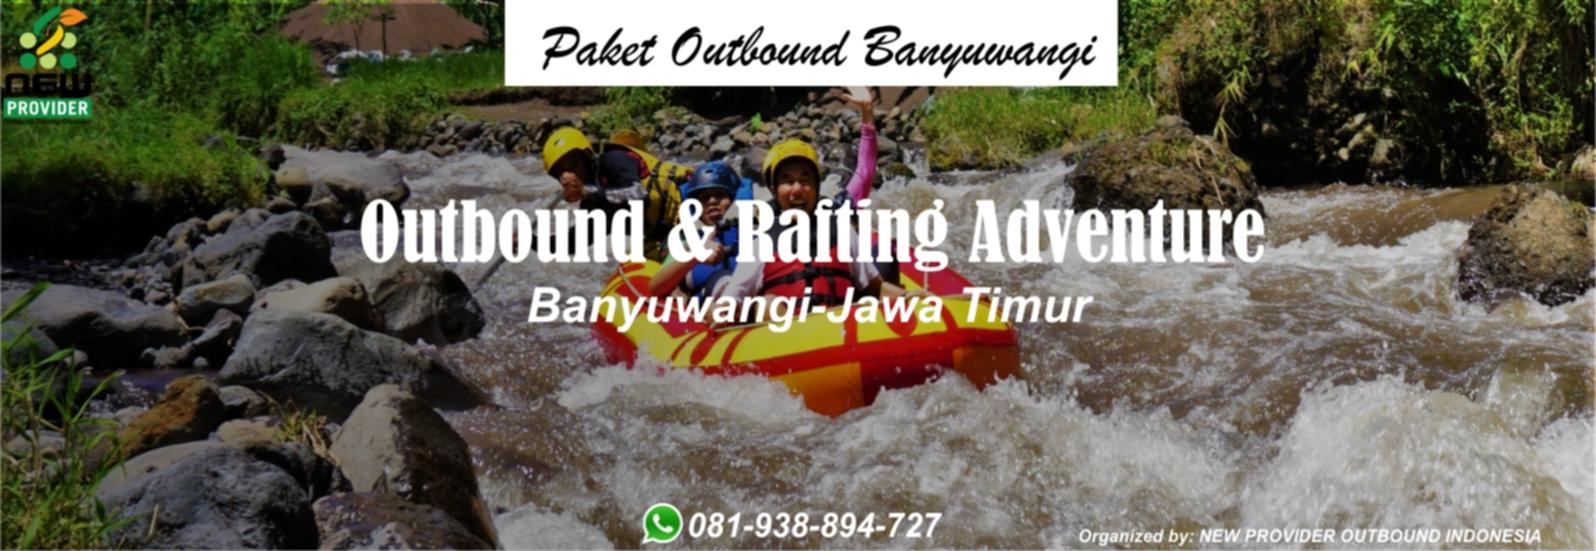 Paket Outbound Banyuwangi